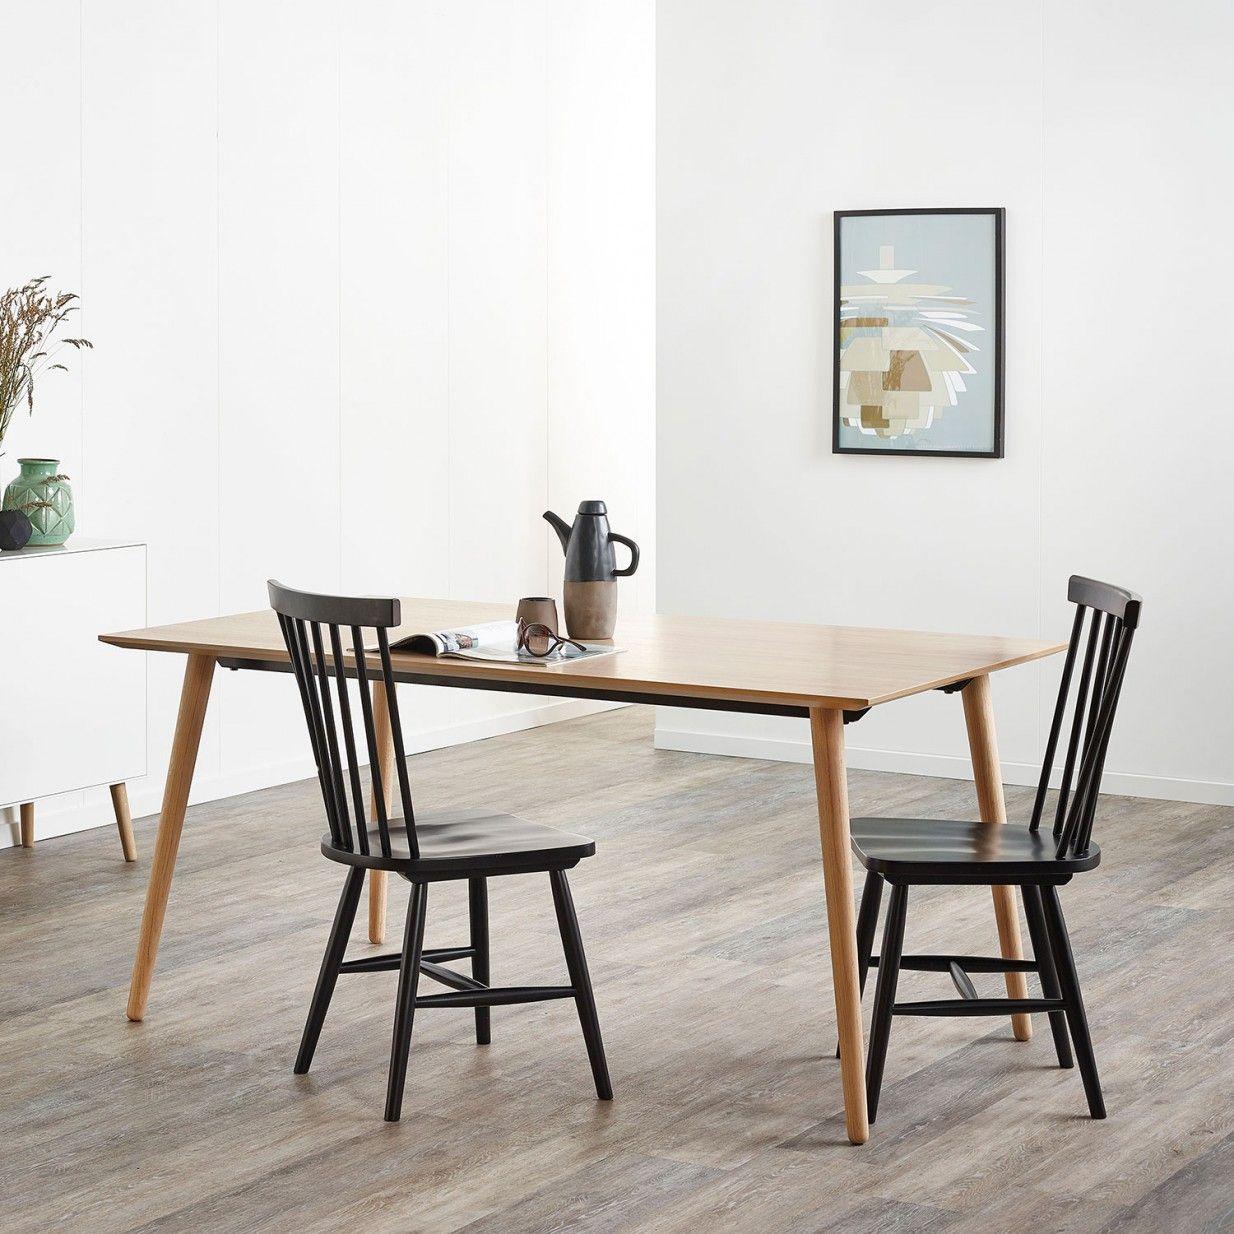 95x160 asbjorn dining table | dorte design | monoqi | wohnen